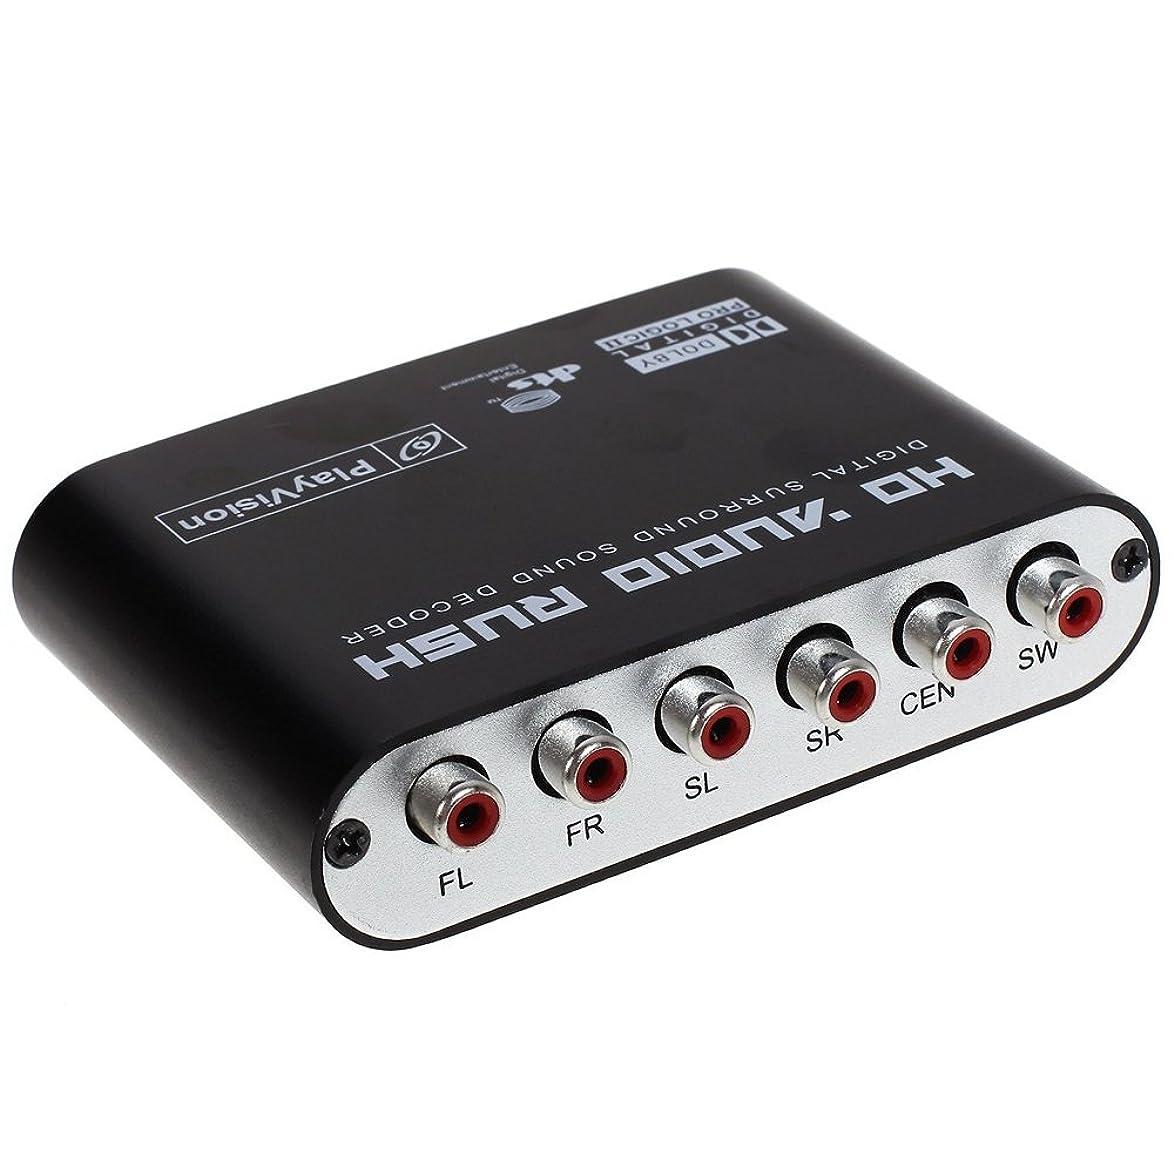 スマート狂う突っ込む【iitrust】オーディオデコーダー(6RCA)デジタル Dolby 光学DTS AC3 5.1アナログ オーディオギアサウンドデコーダー Dolby デジタル AC-3、 Dolby プロ ロジック、 DTS、 PCMなど対応